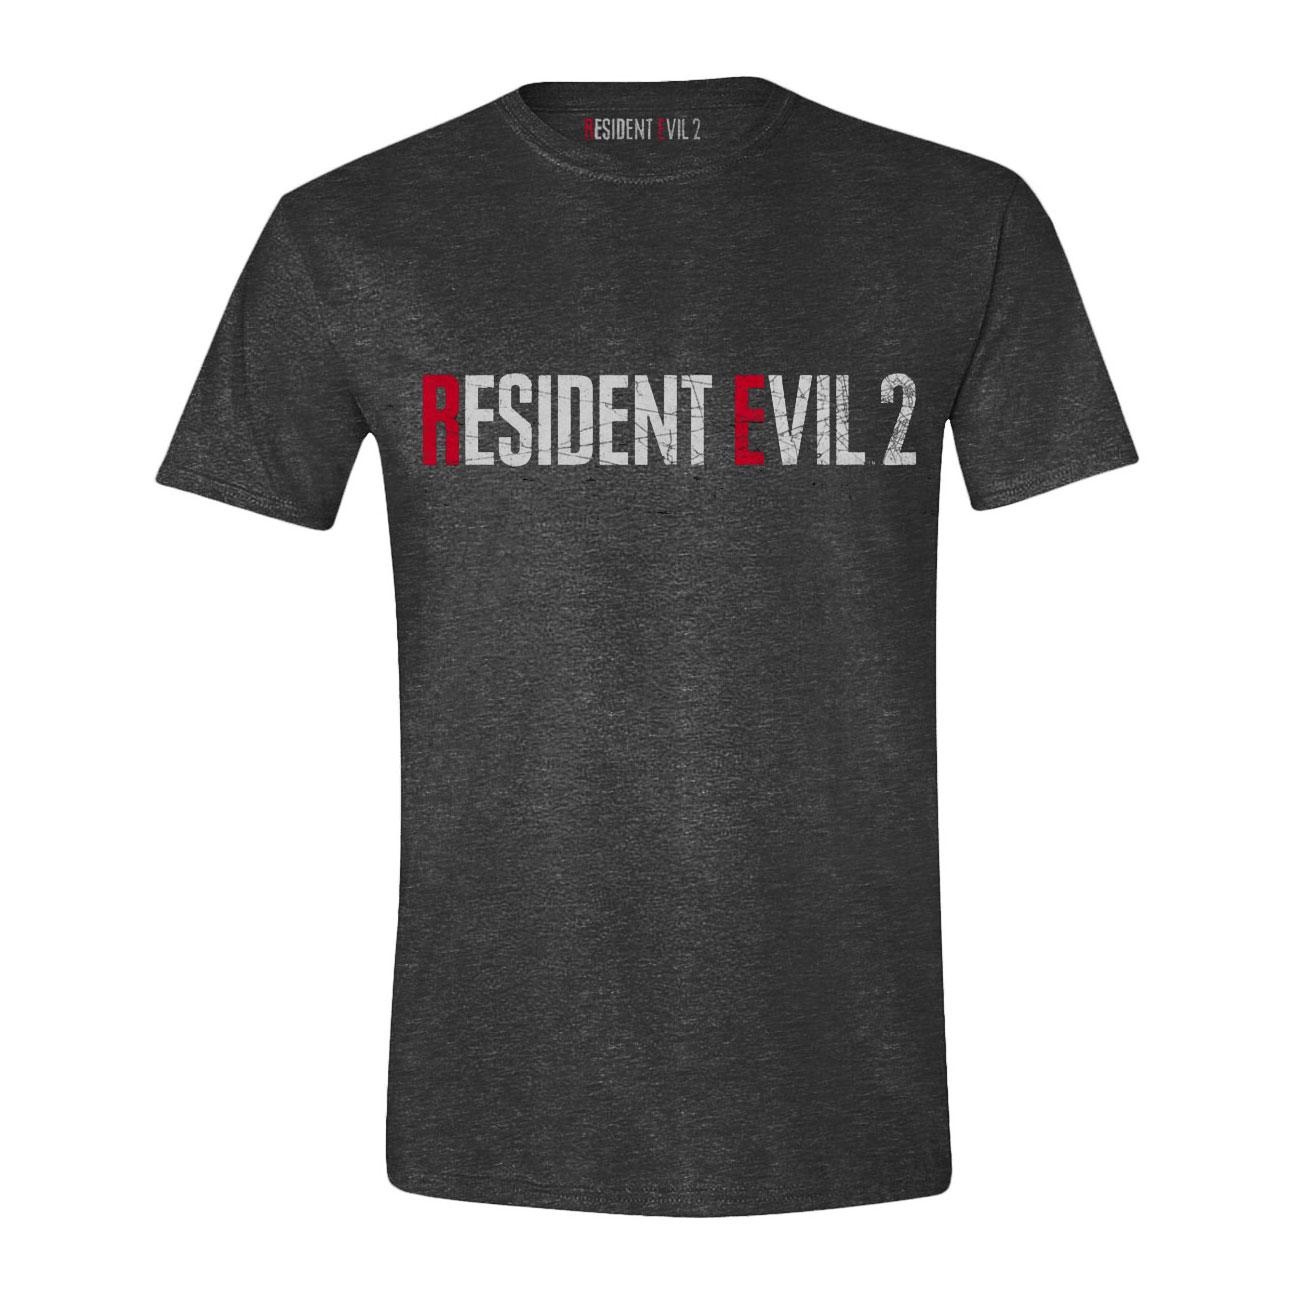 Resident Evil 2 T-Shirt Logo Size M